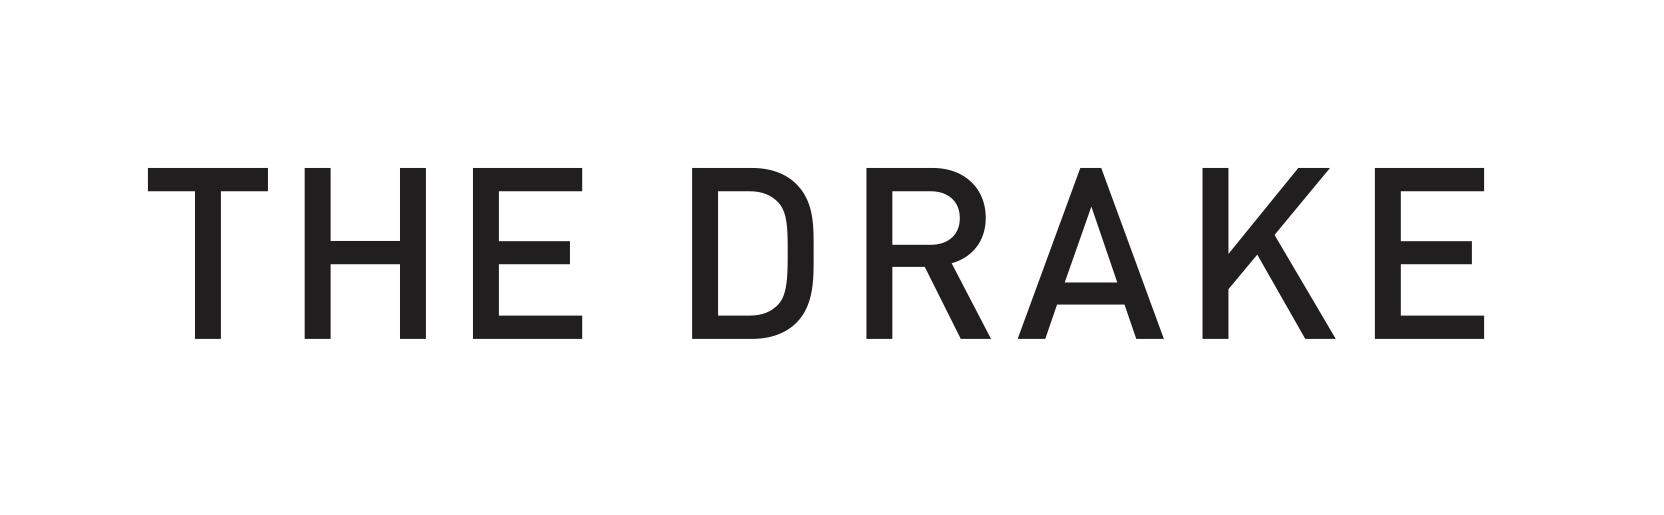 THE DRAKE BL.jpg